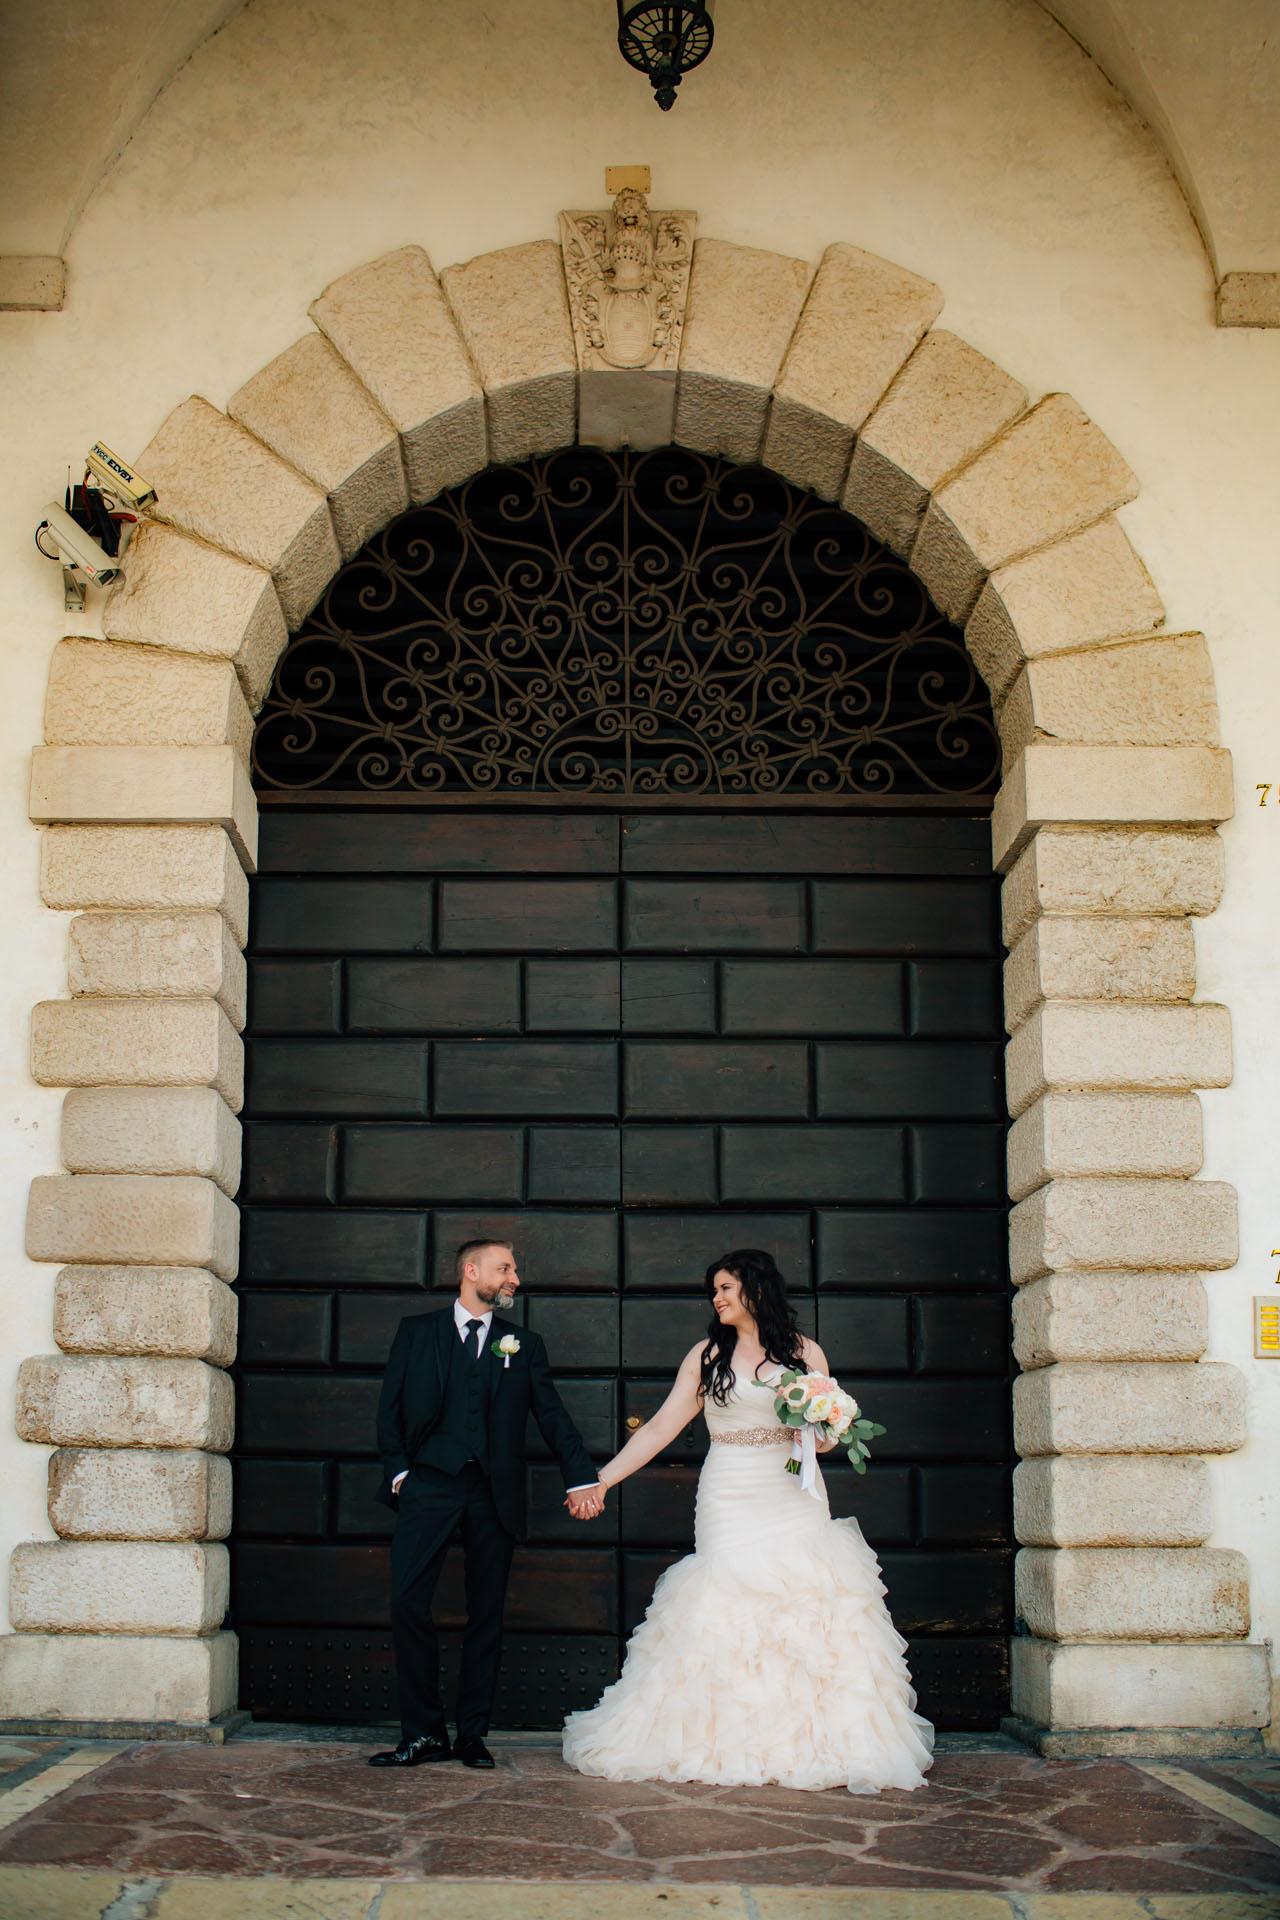 Jessica-Jason-Weddingdestination-Storytelling-Renato-Zanette-Fotografo-Convento-San-Francesco-Conegliano-Treviso-Veneto-Insieme